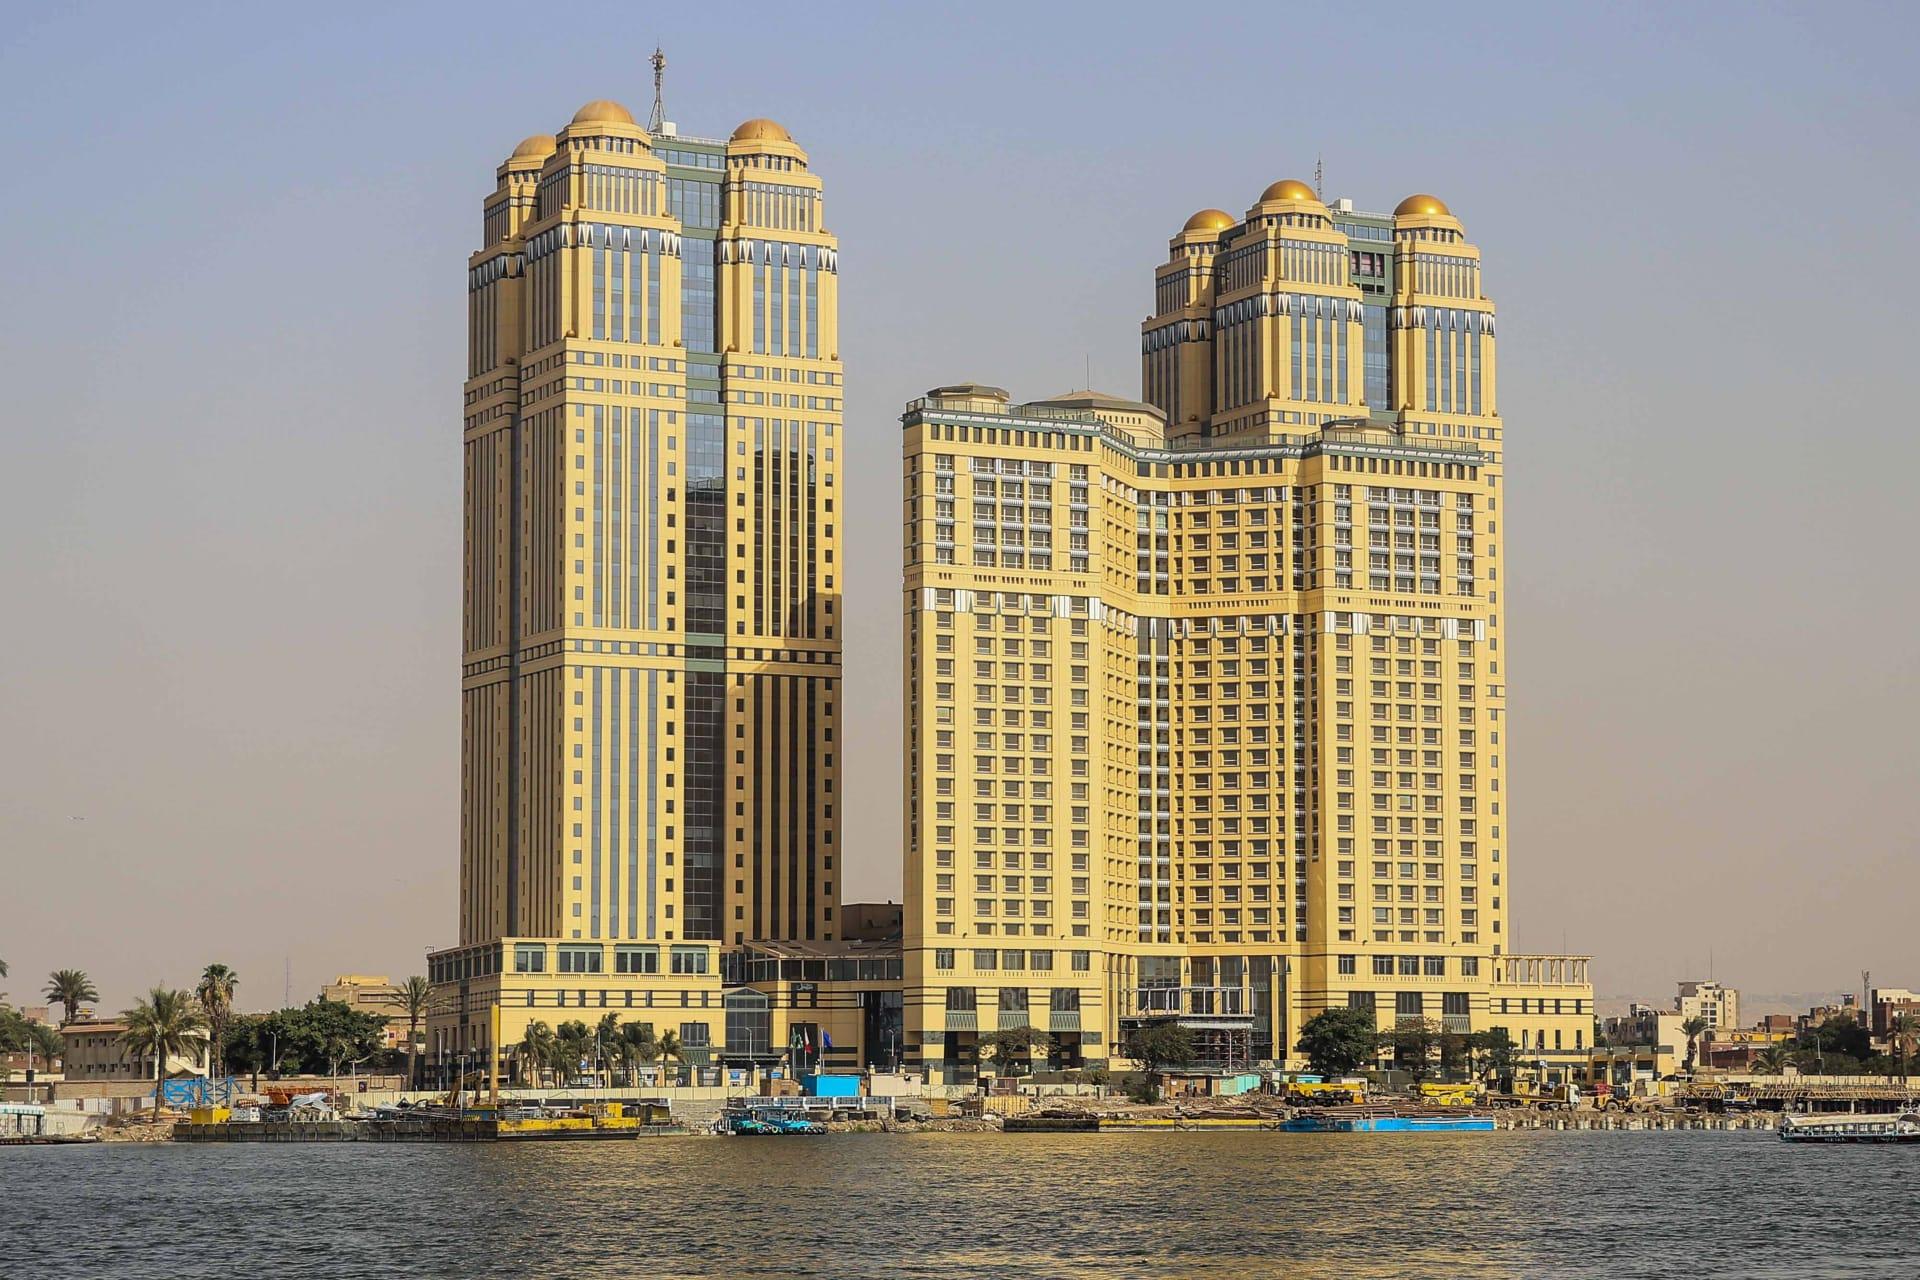 فندق فيرمونت نايل سيتي في العاصمة المصرية القاهرة